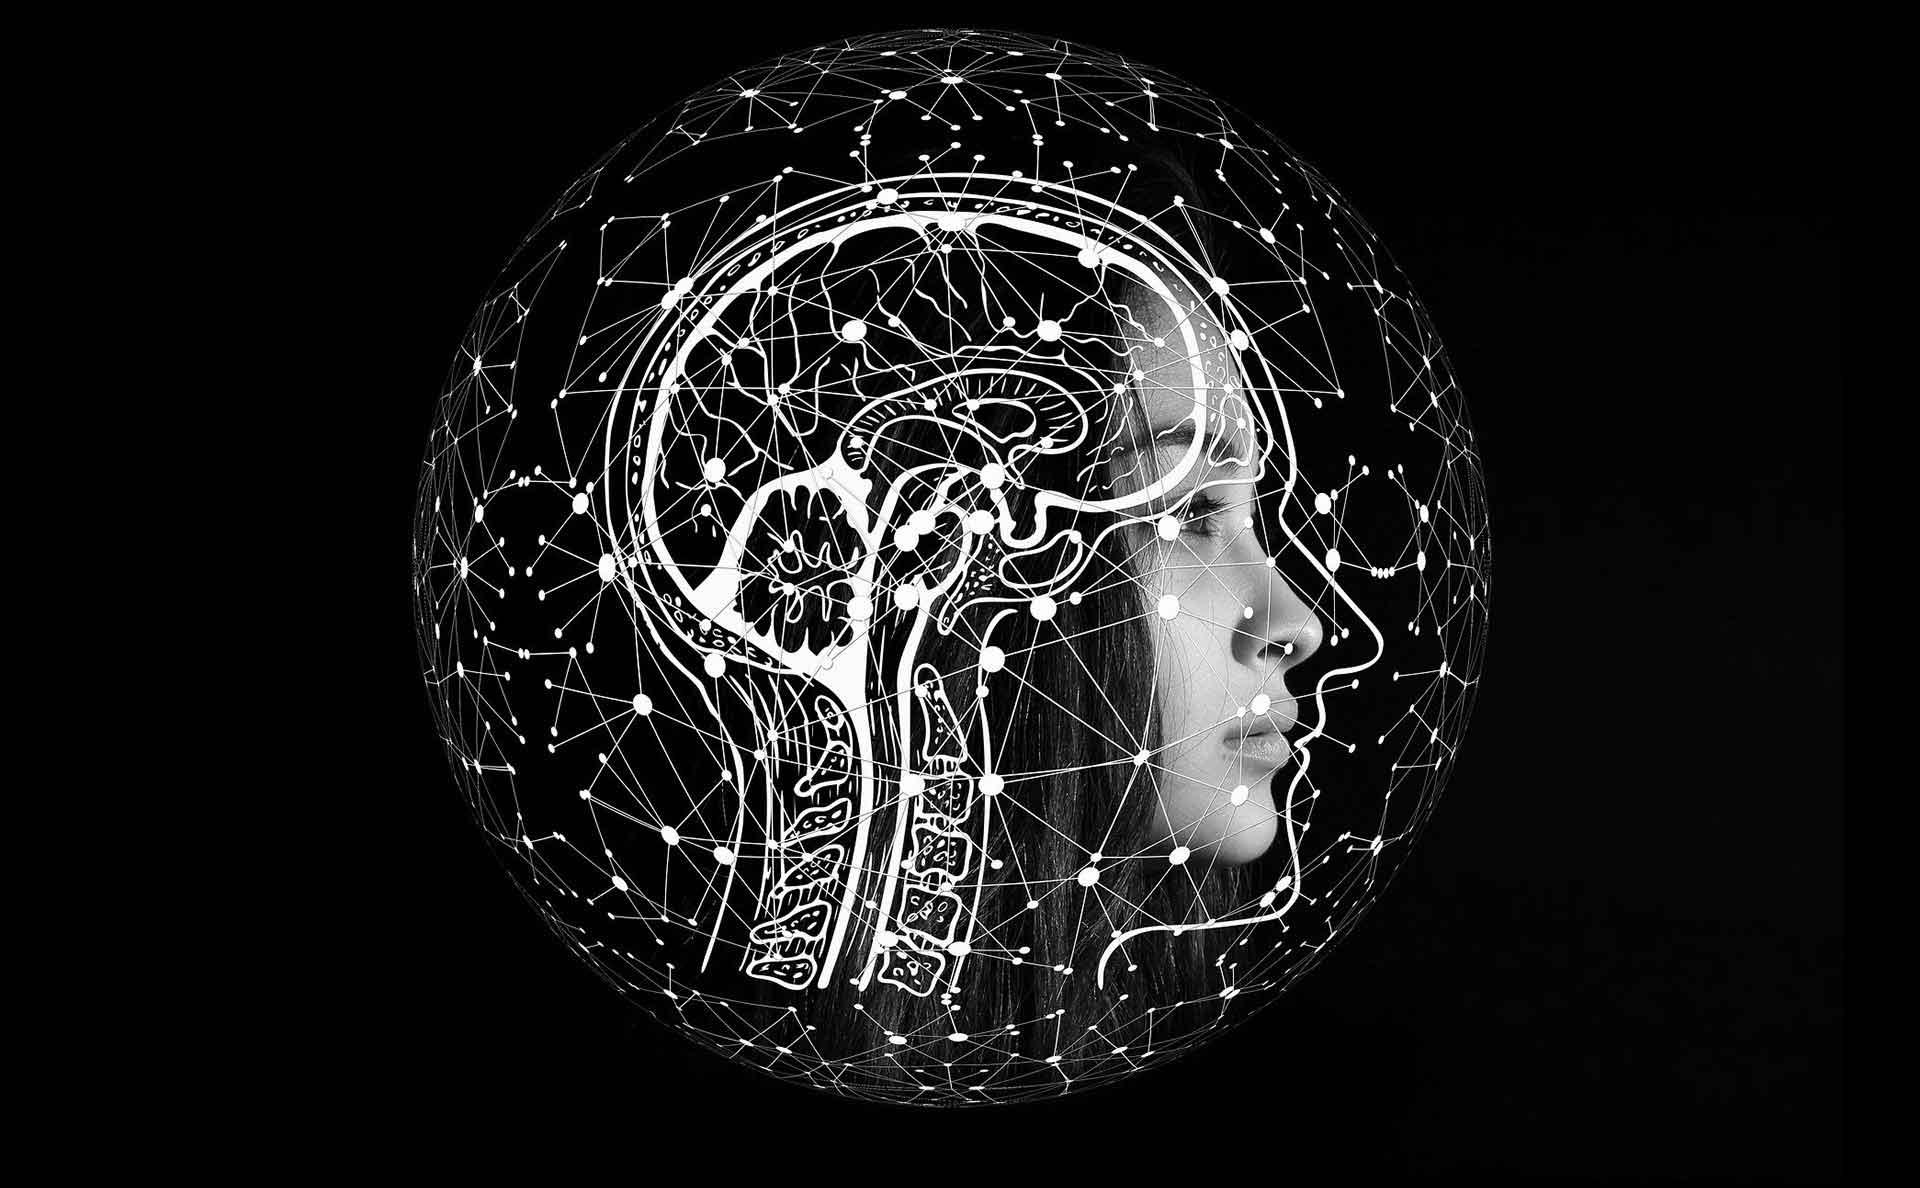 cours de magie en ligne paulmagie shéma mental mindset magie